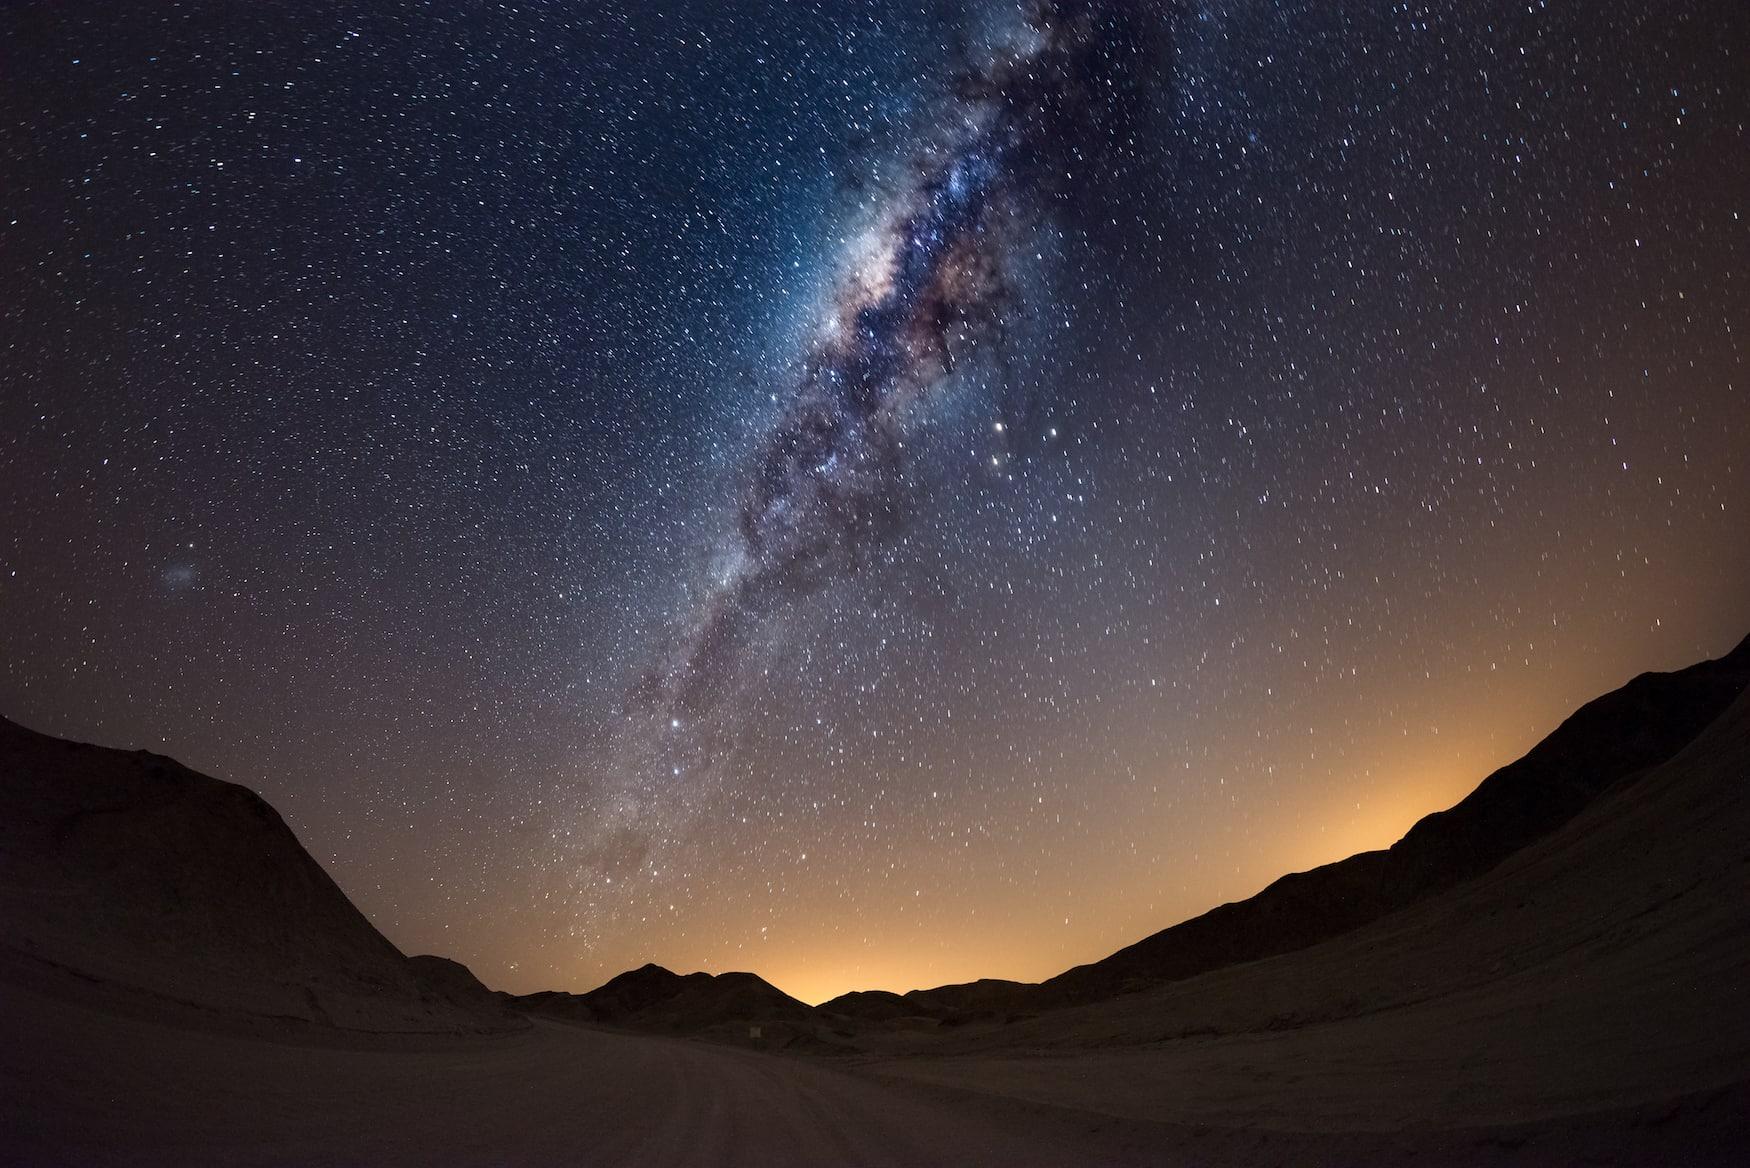 Milchstraße über den Dünen der Namibi Wüste